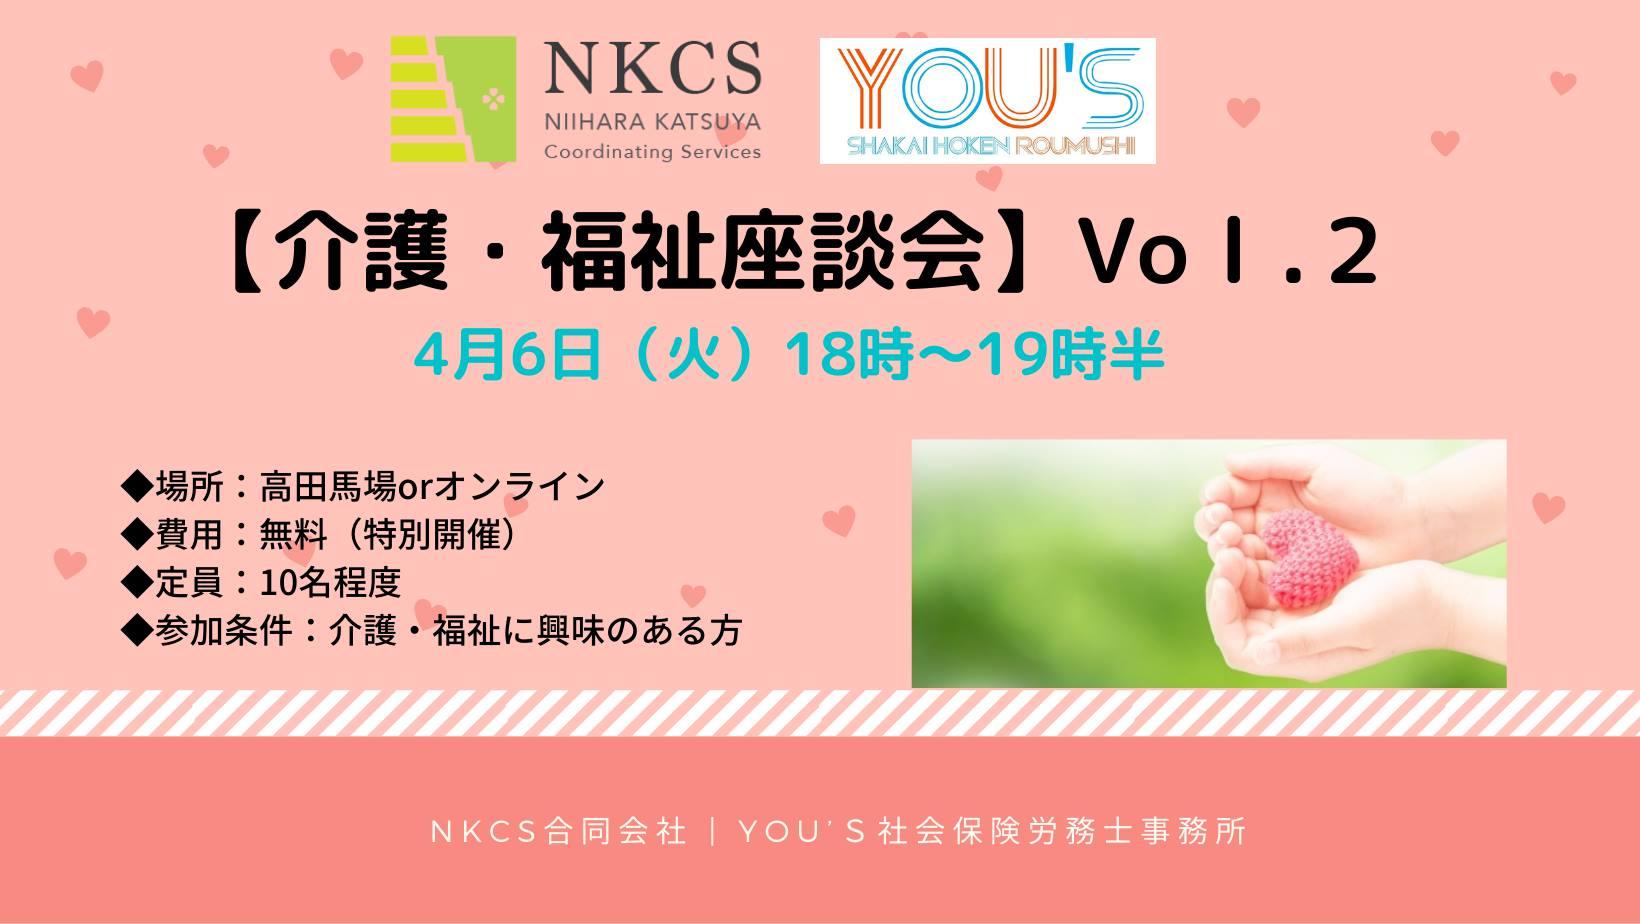 4月6日(火)18:00~介護・福祉座談会 Vol.2を開催します